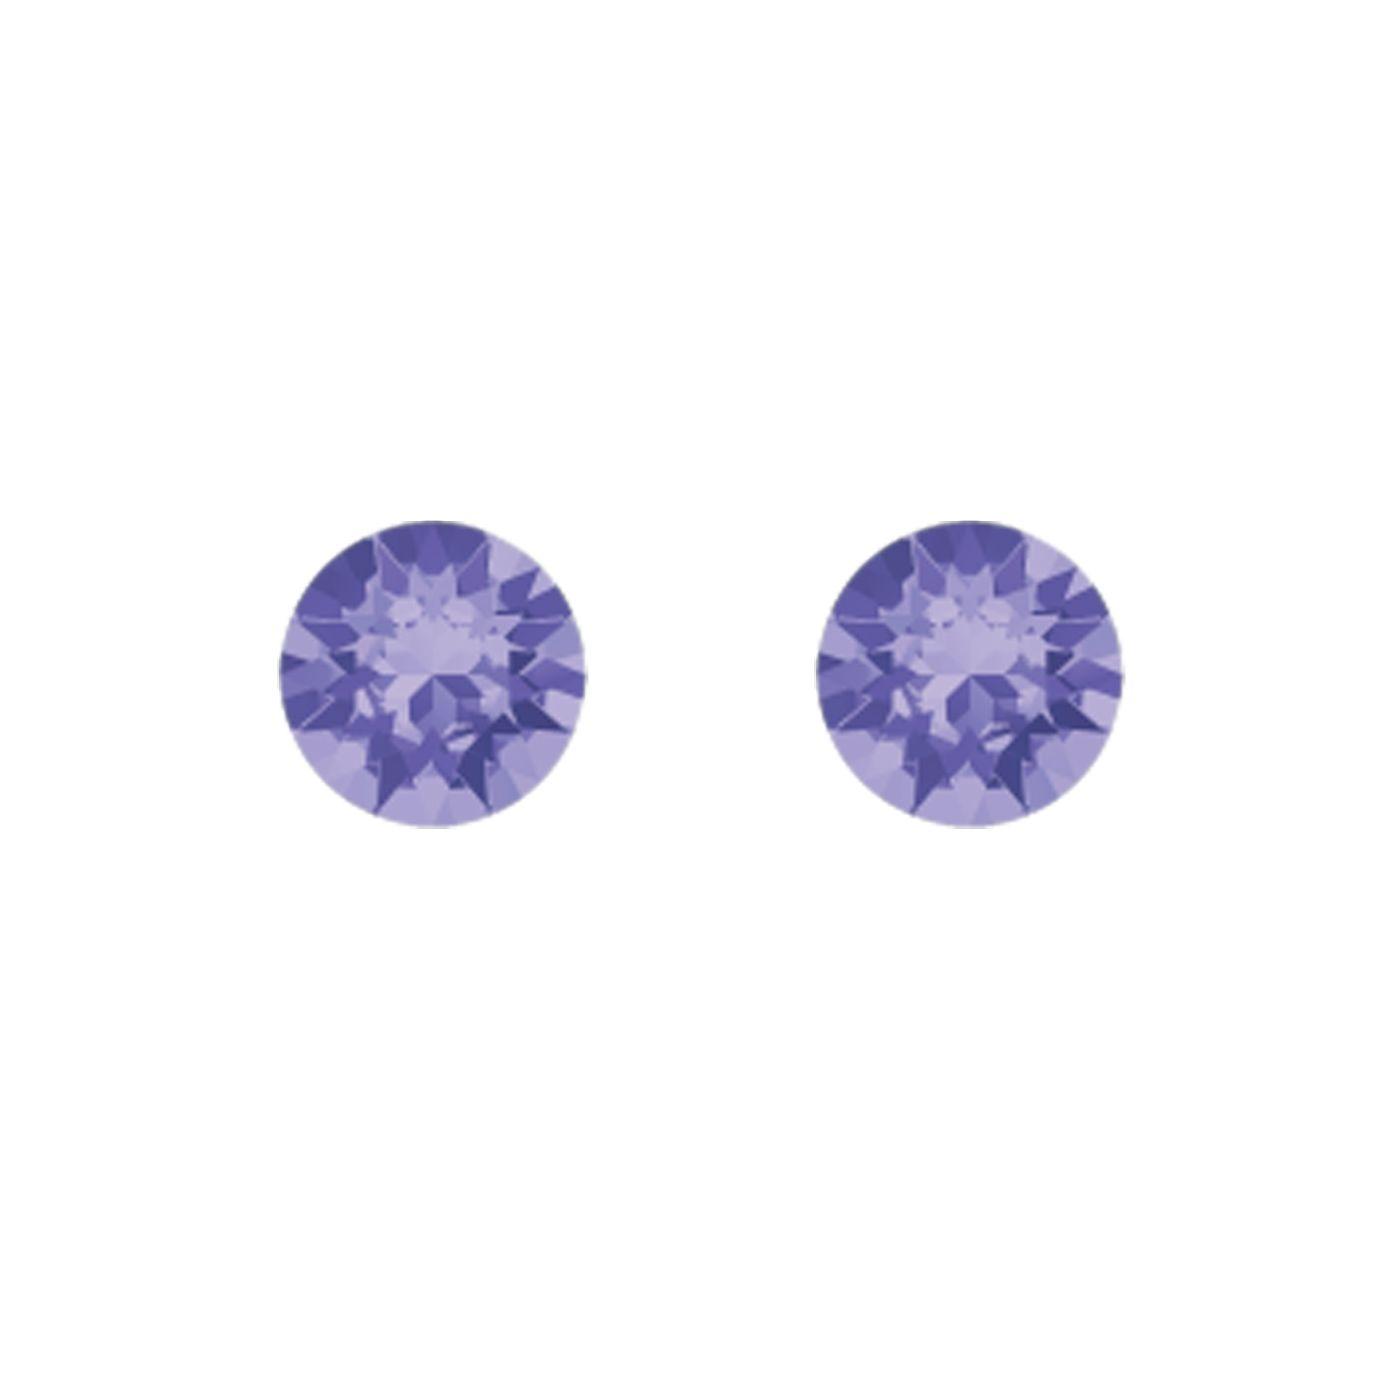 Boucles d'oreilles Indicolite Ronde en argent et cristaux Swarovski violets